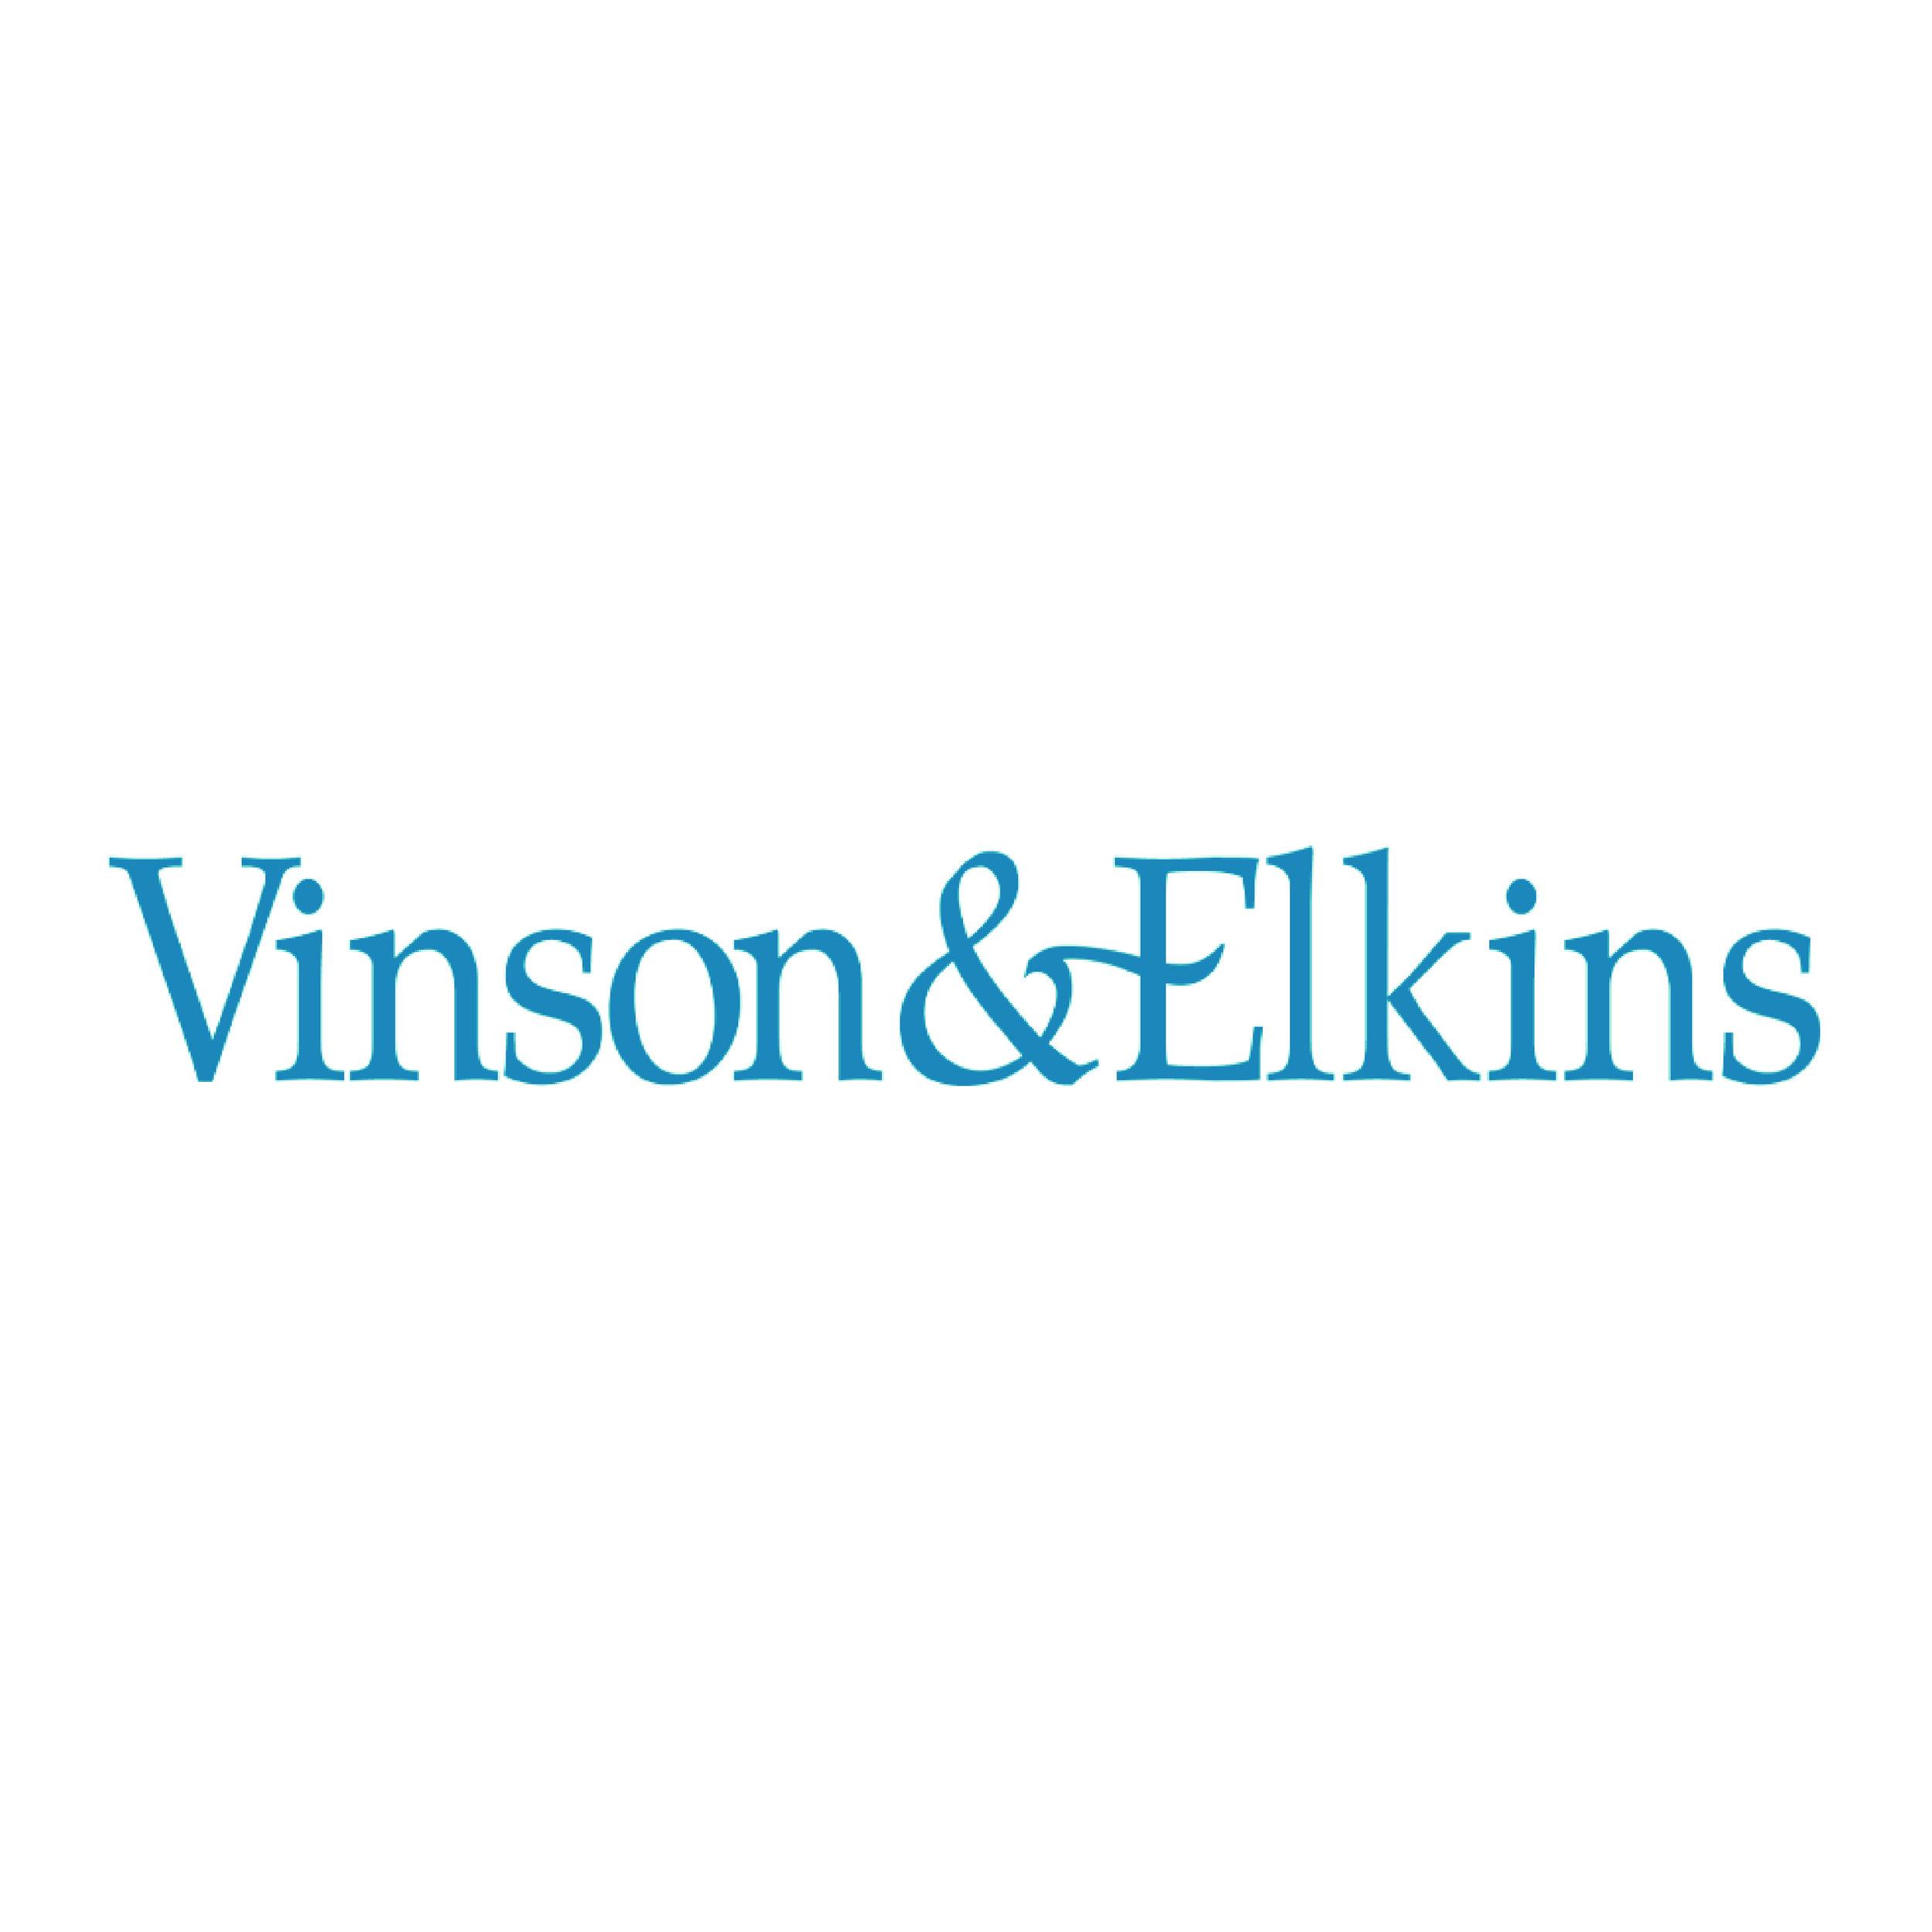 Vinson & Elkins.jpg